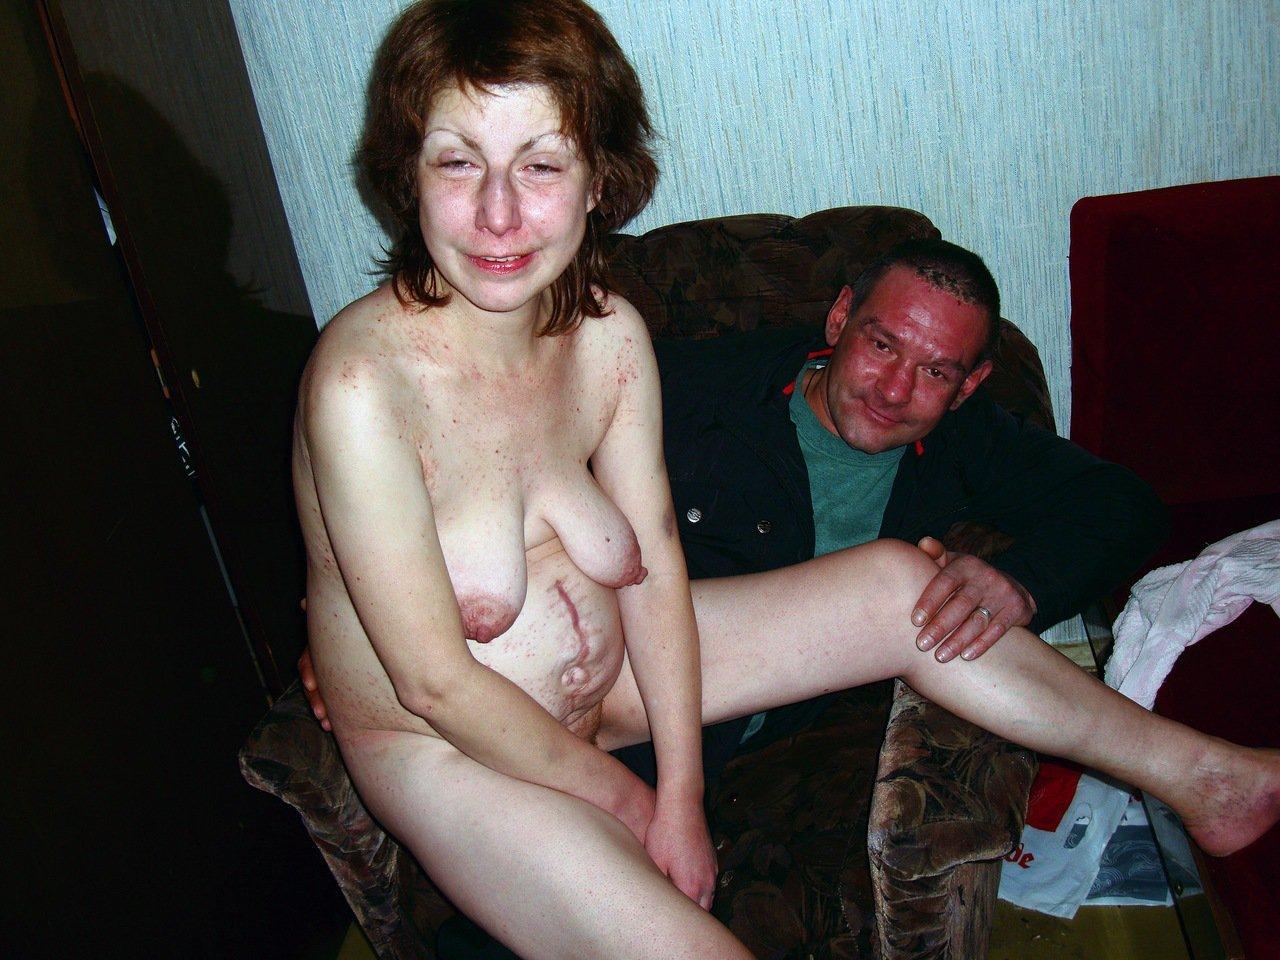 бомжиху где можно дпя секса в ижевске найти